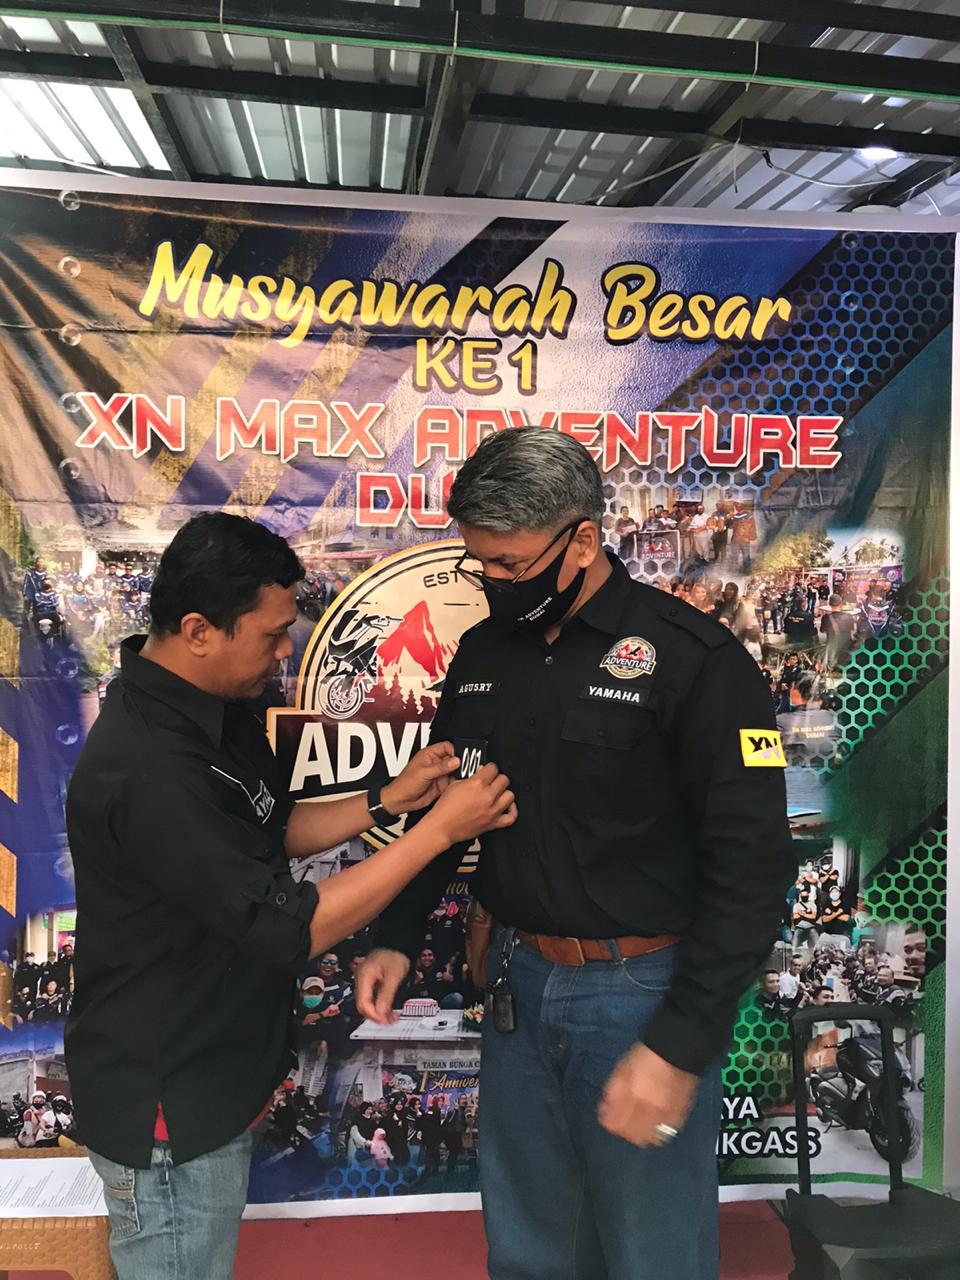 XNMAX_adventure Dumai Gelar Musyawarah Besar Kepengurusan